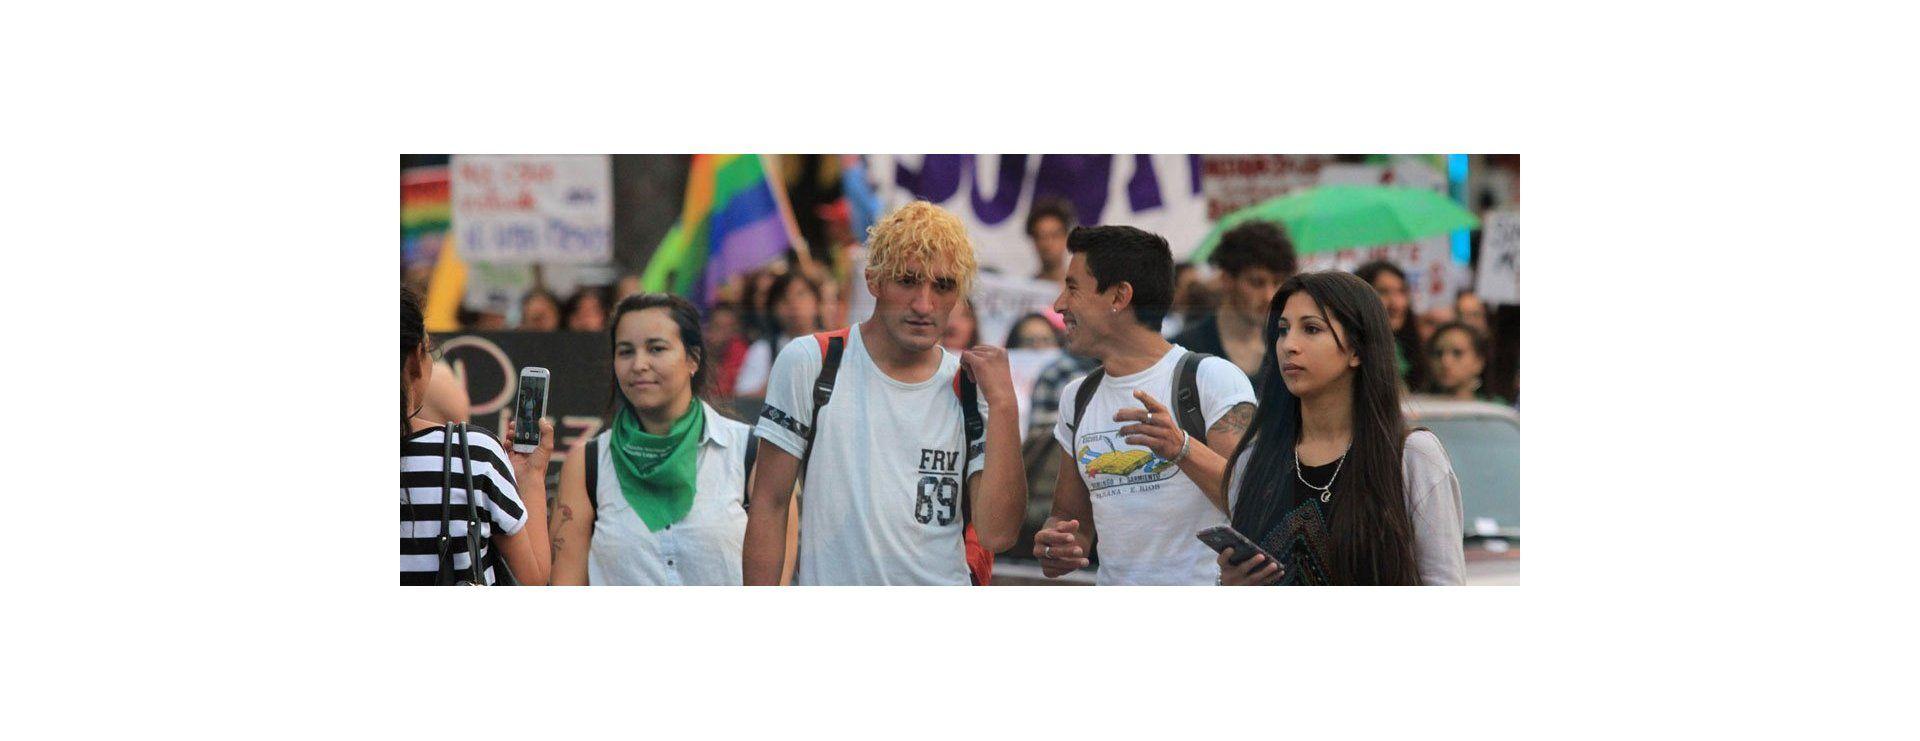 Todo el color de la primera Marcha del Orgullo Disidente en Paraná